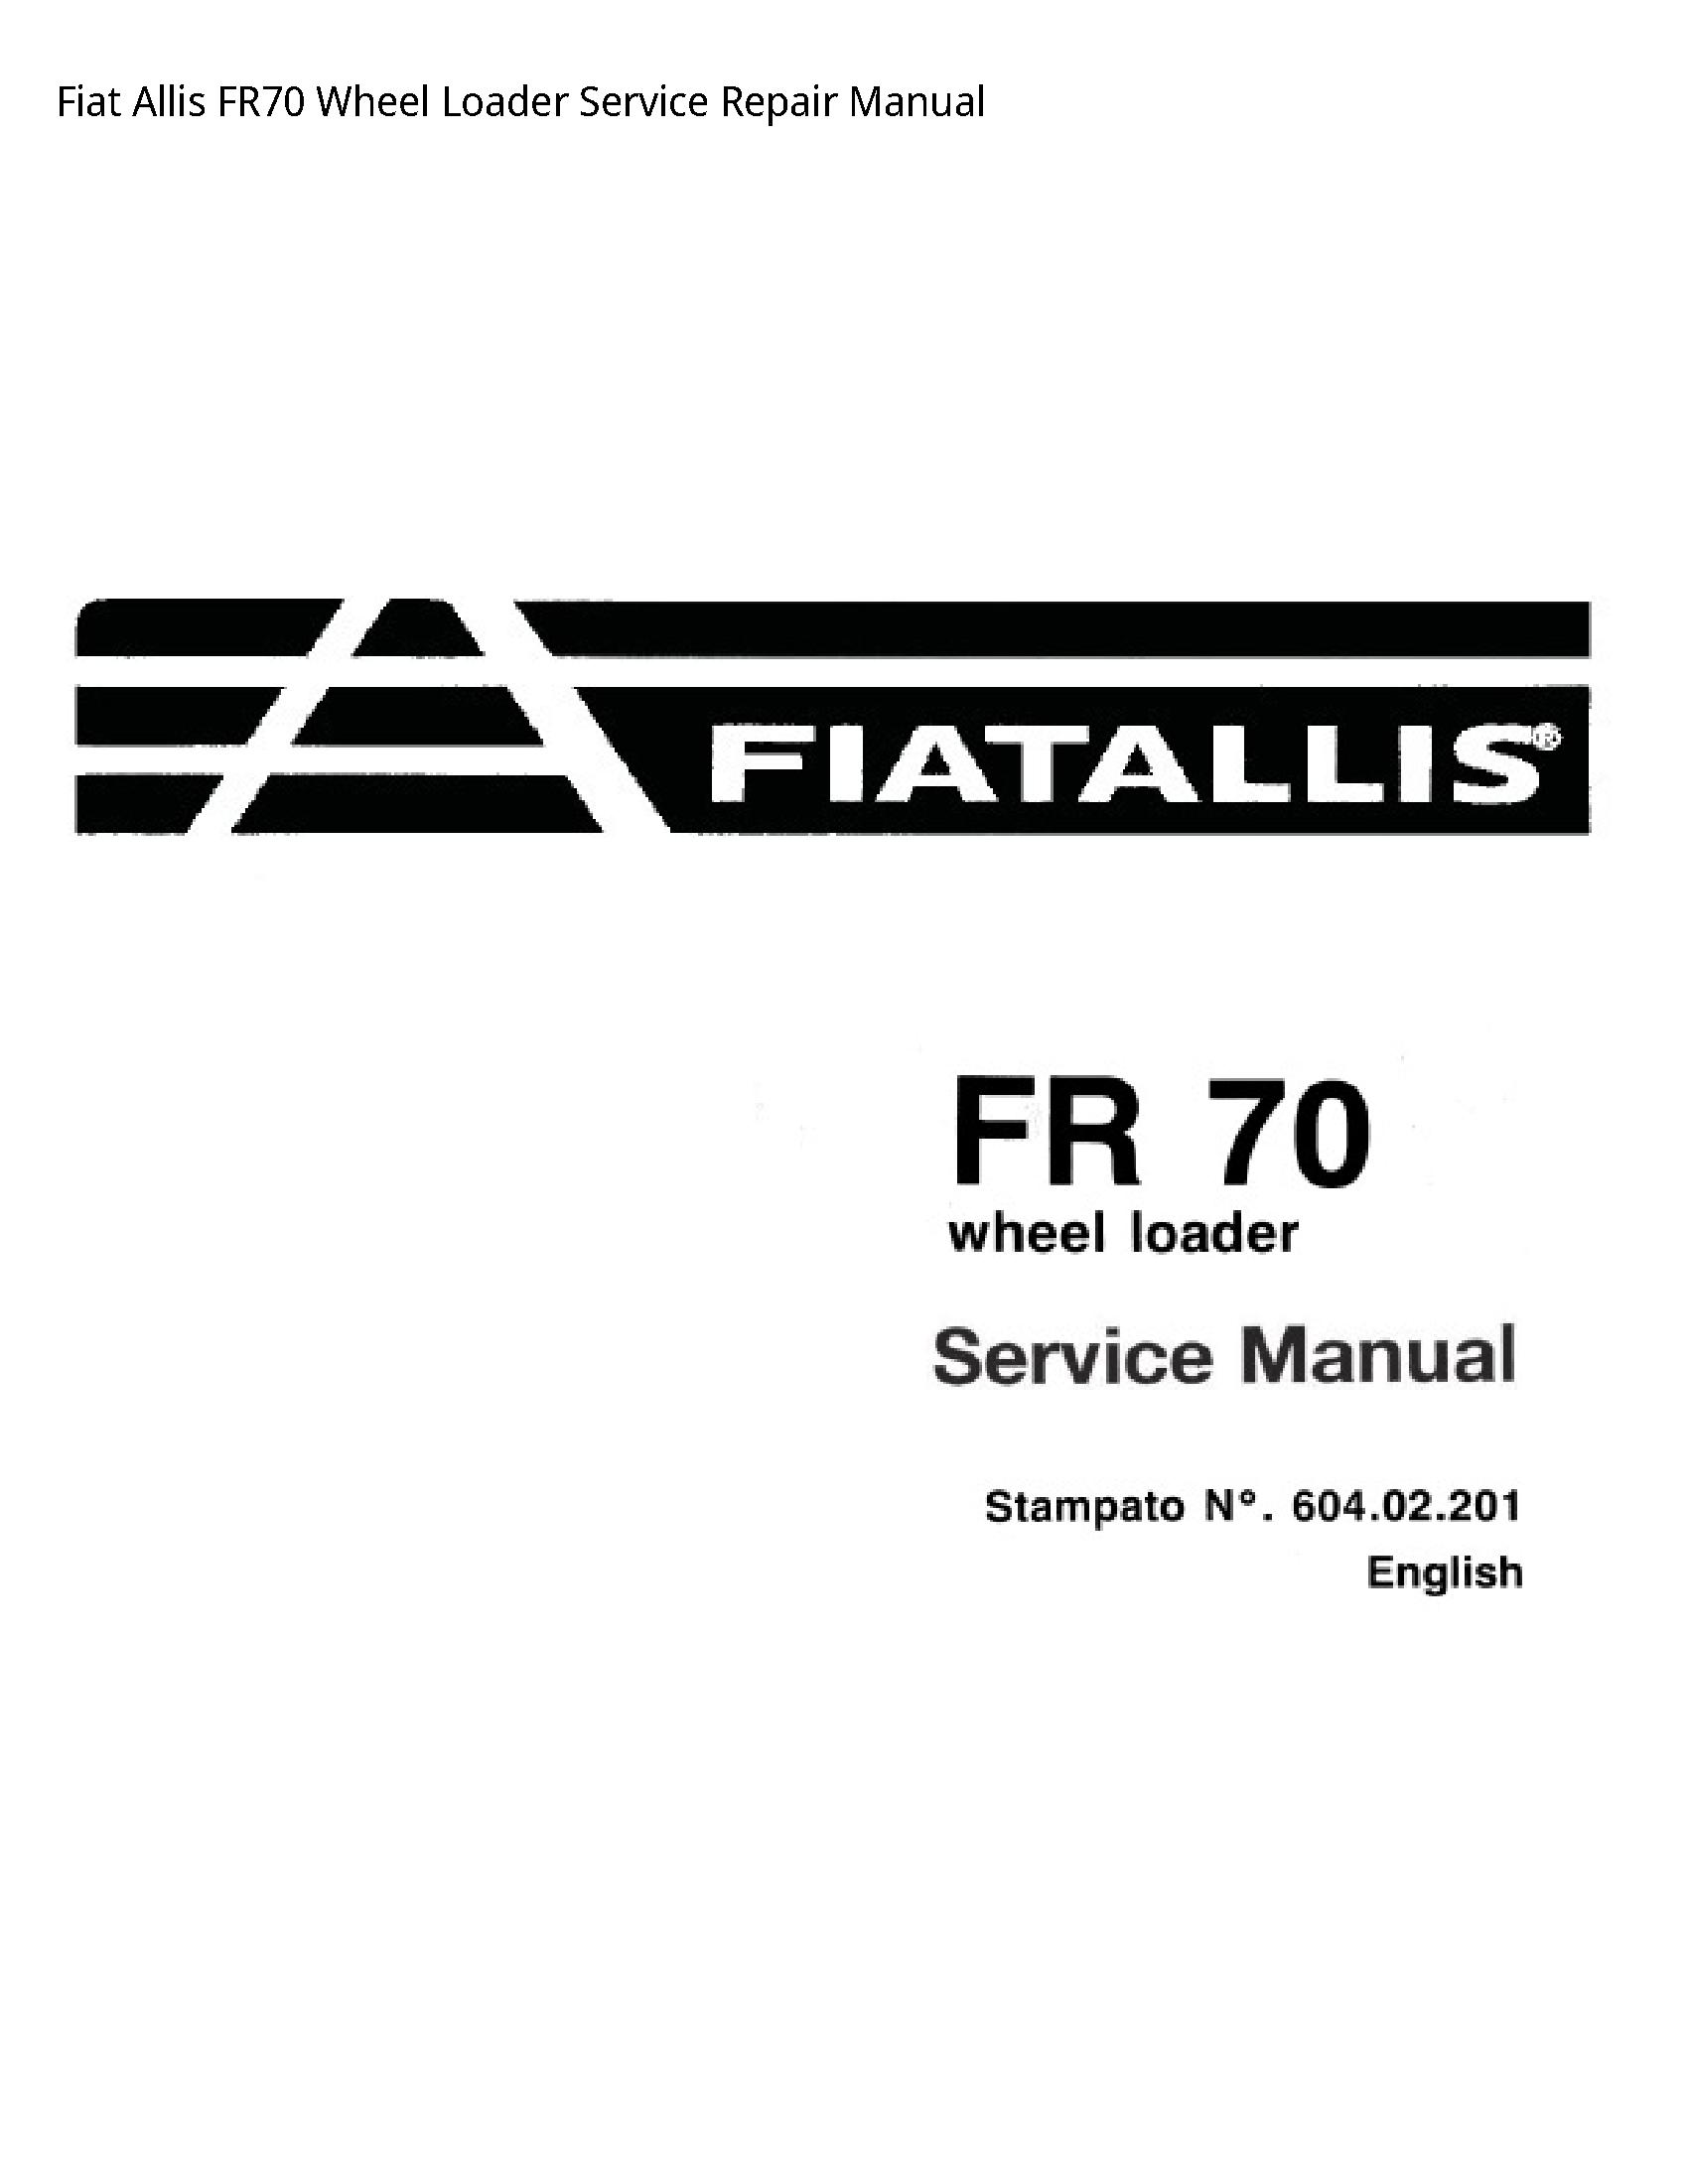 Fiat Allis FR70 Wheel Loader manual